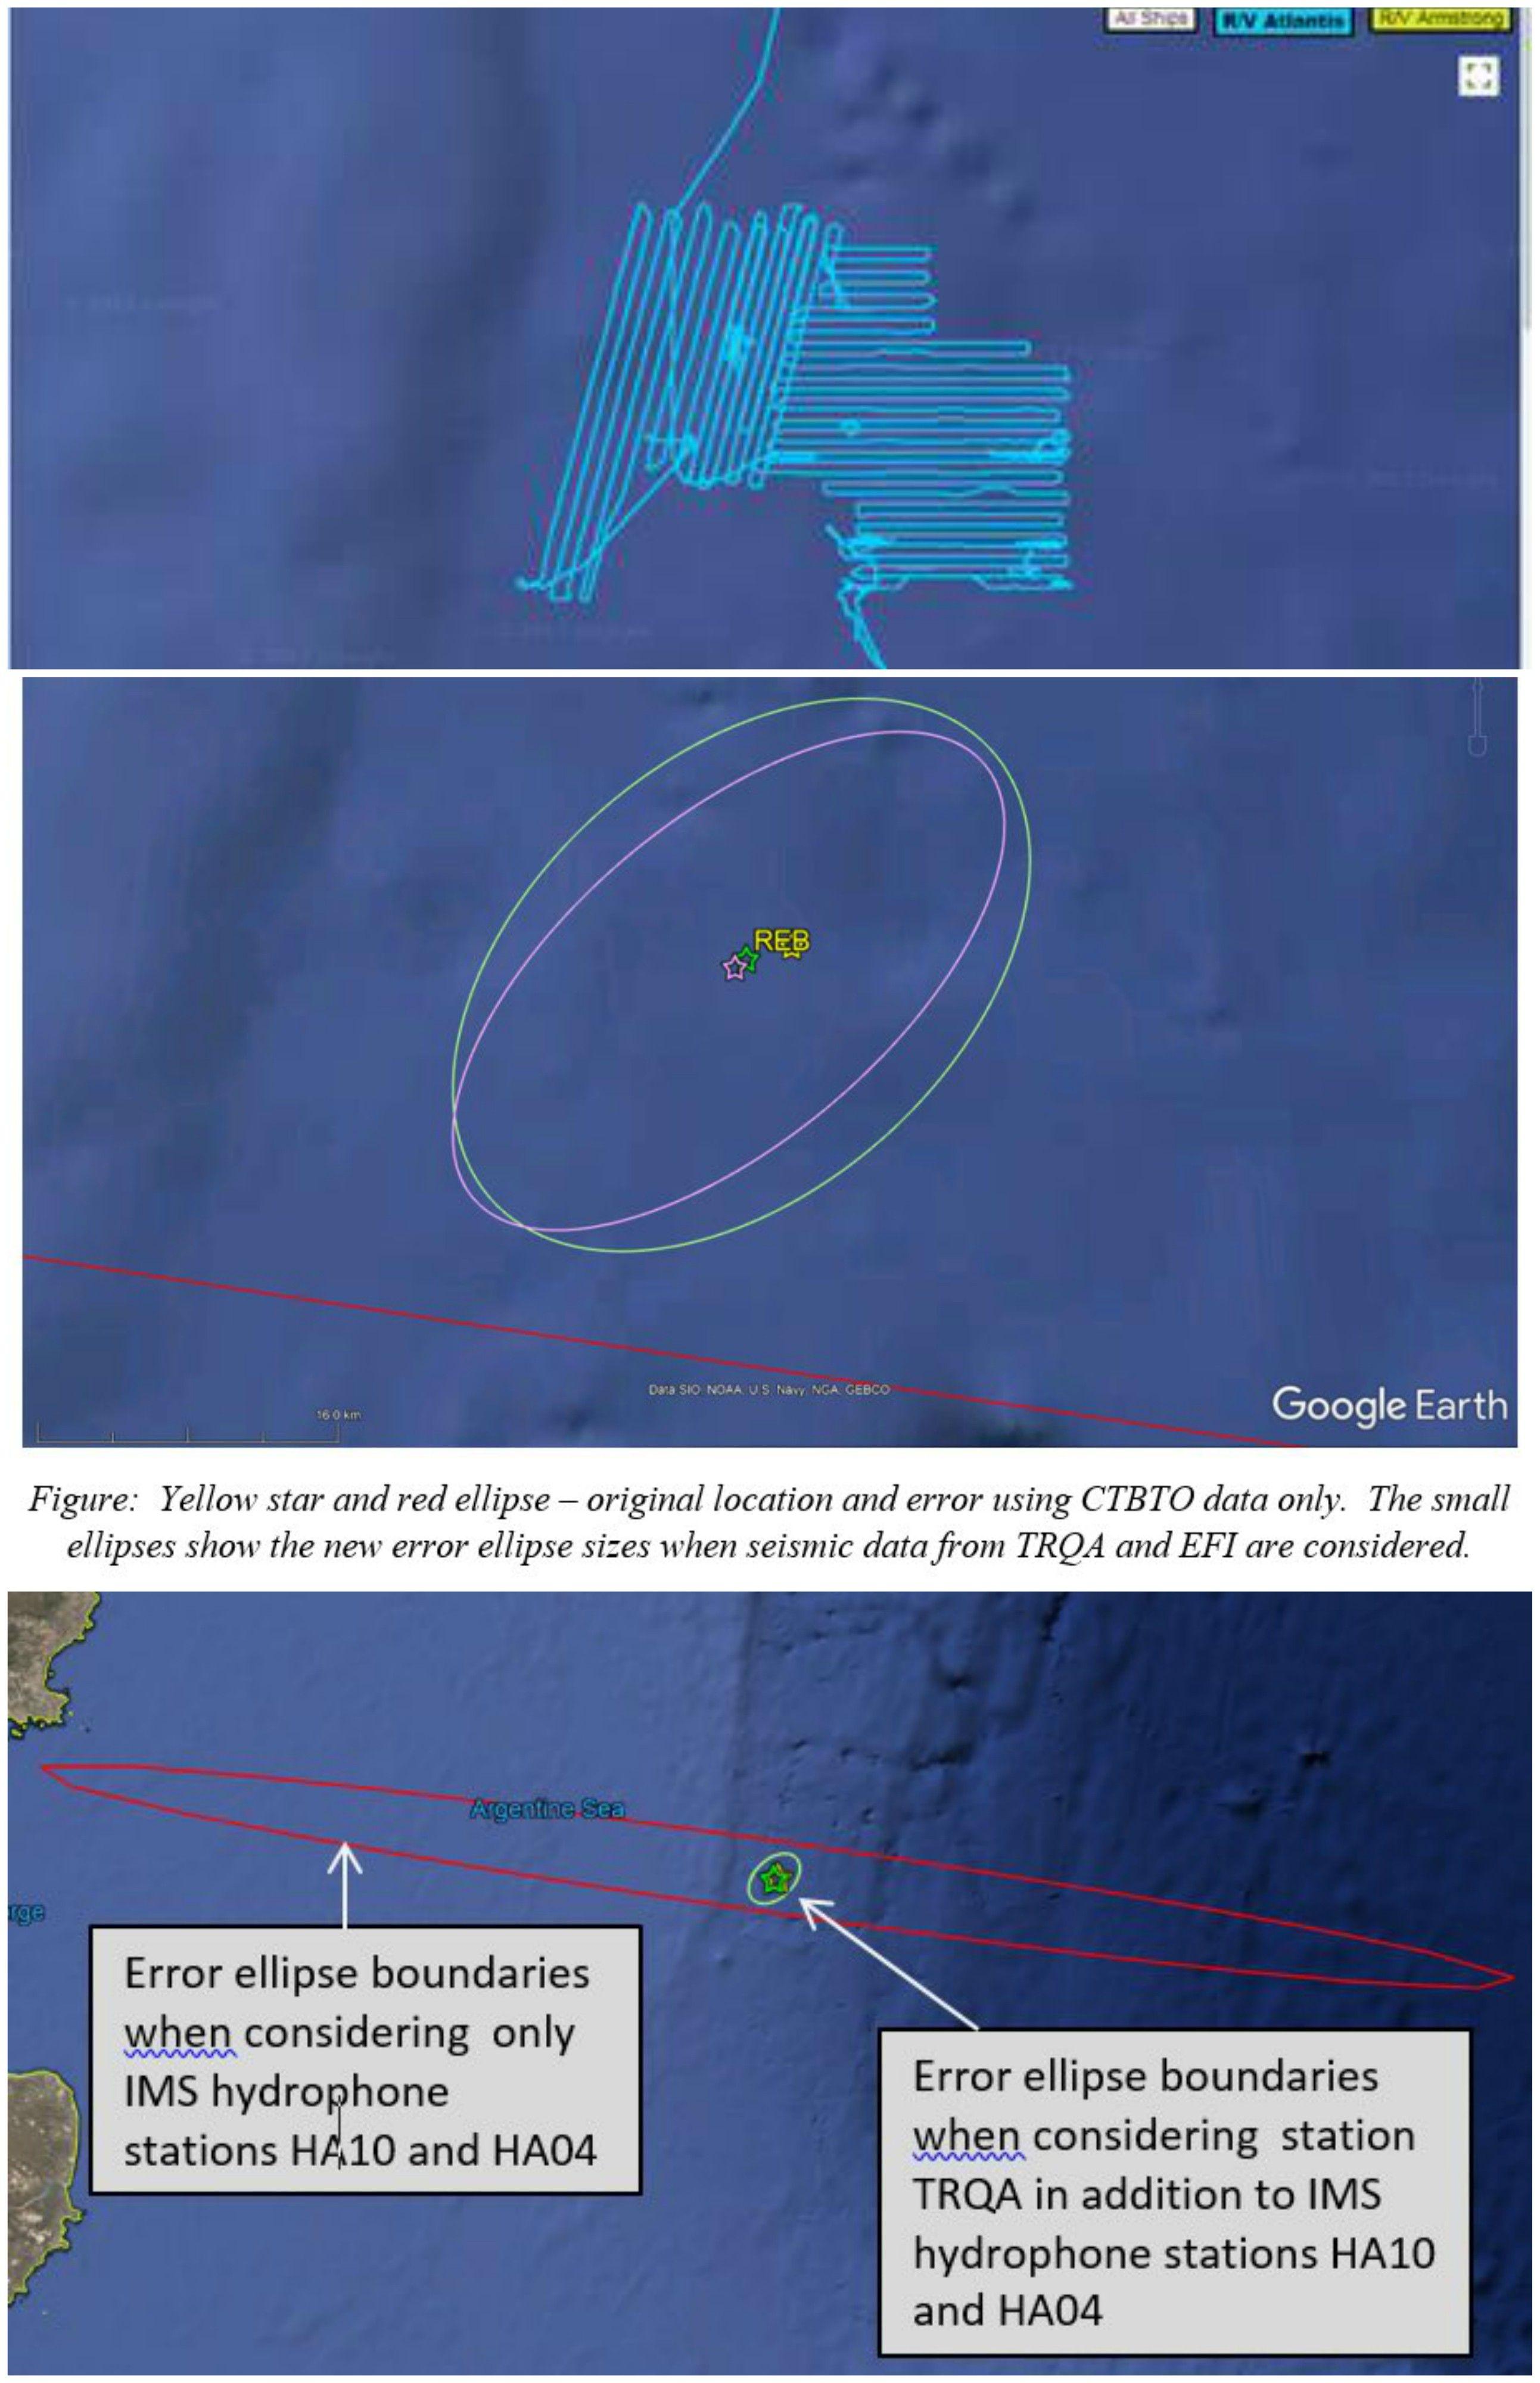 La Organización del Tratado de Prohibición Completa de los Ensayos Nucleares publicó estos mapas